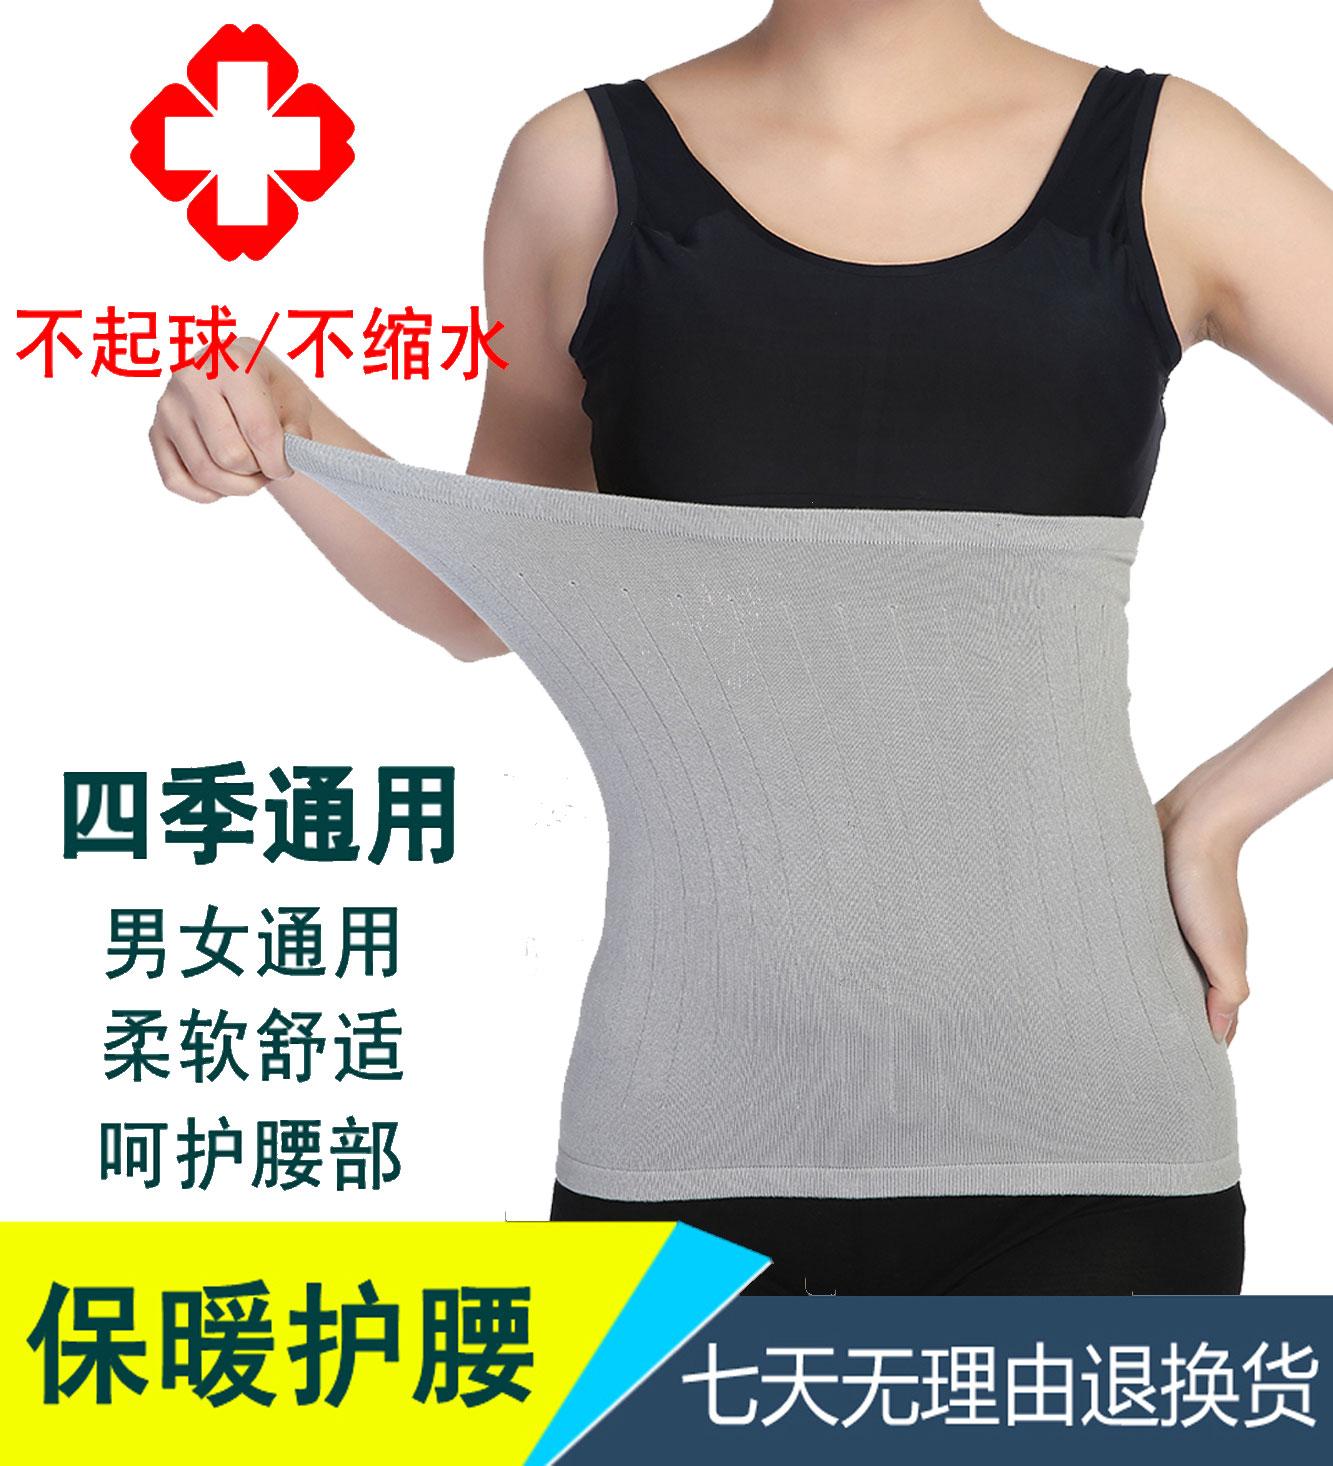 Cintura fina de verão de algodão avental de adulto no Guarda volume Da Barriga Barriga Huwei Unisex de hérnia de disco.